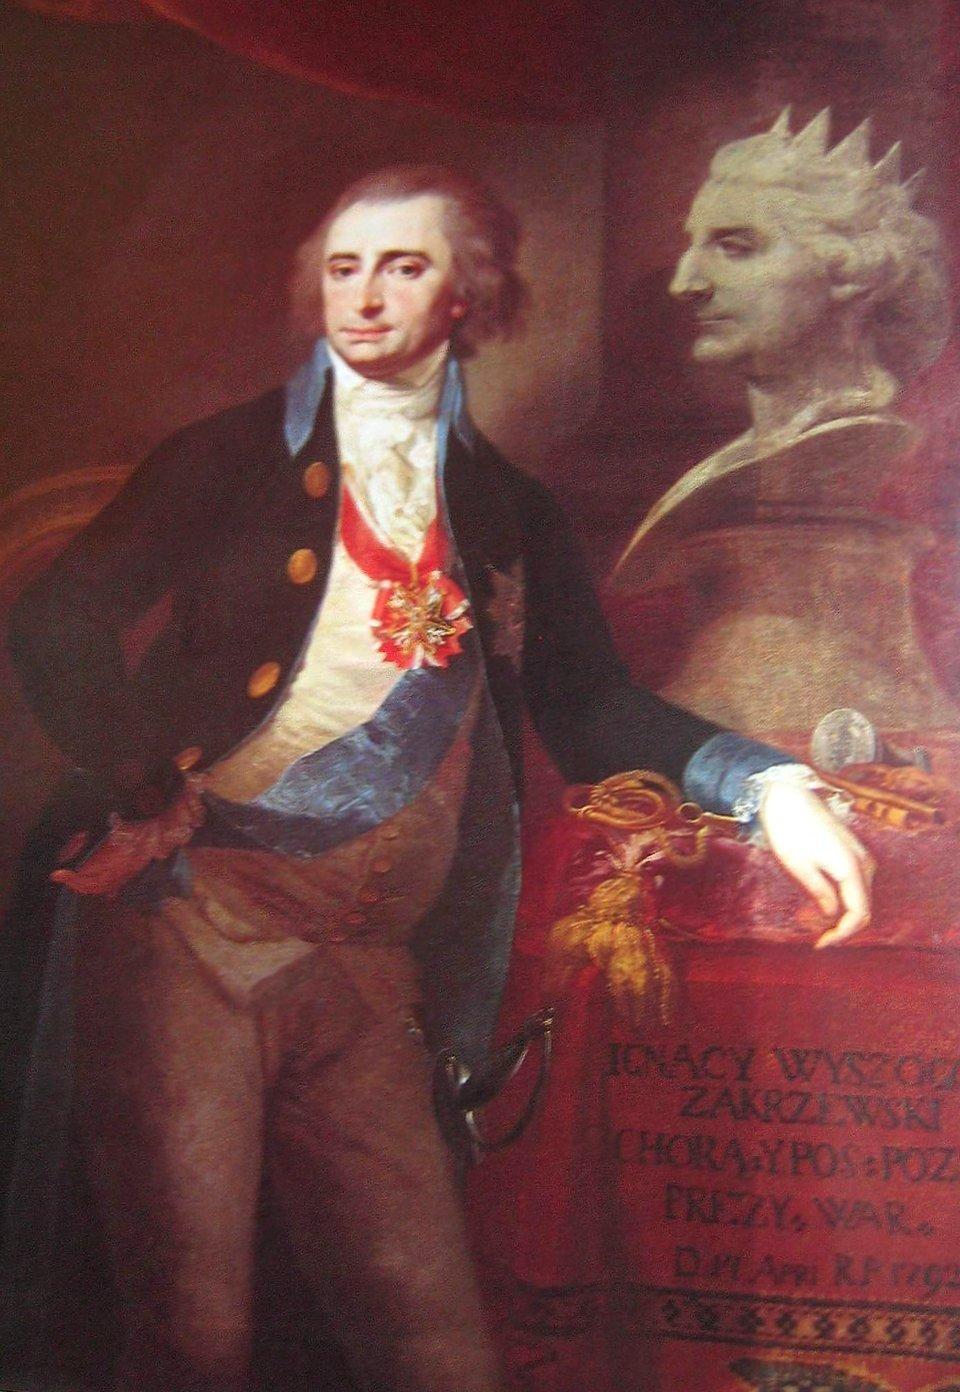 Ignacy Wyssogota Zakrzewski (1745-1802) Źródło: Józef Peszka, Ignacy Wyssogota Zakrzewski (1745-1802), 1792, domena publiczna.